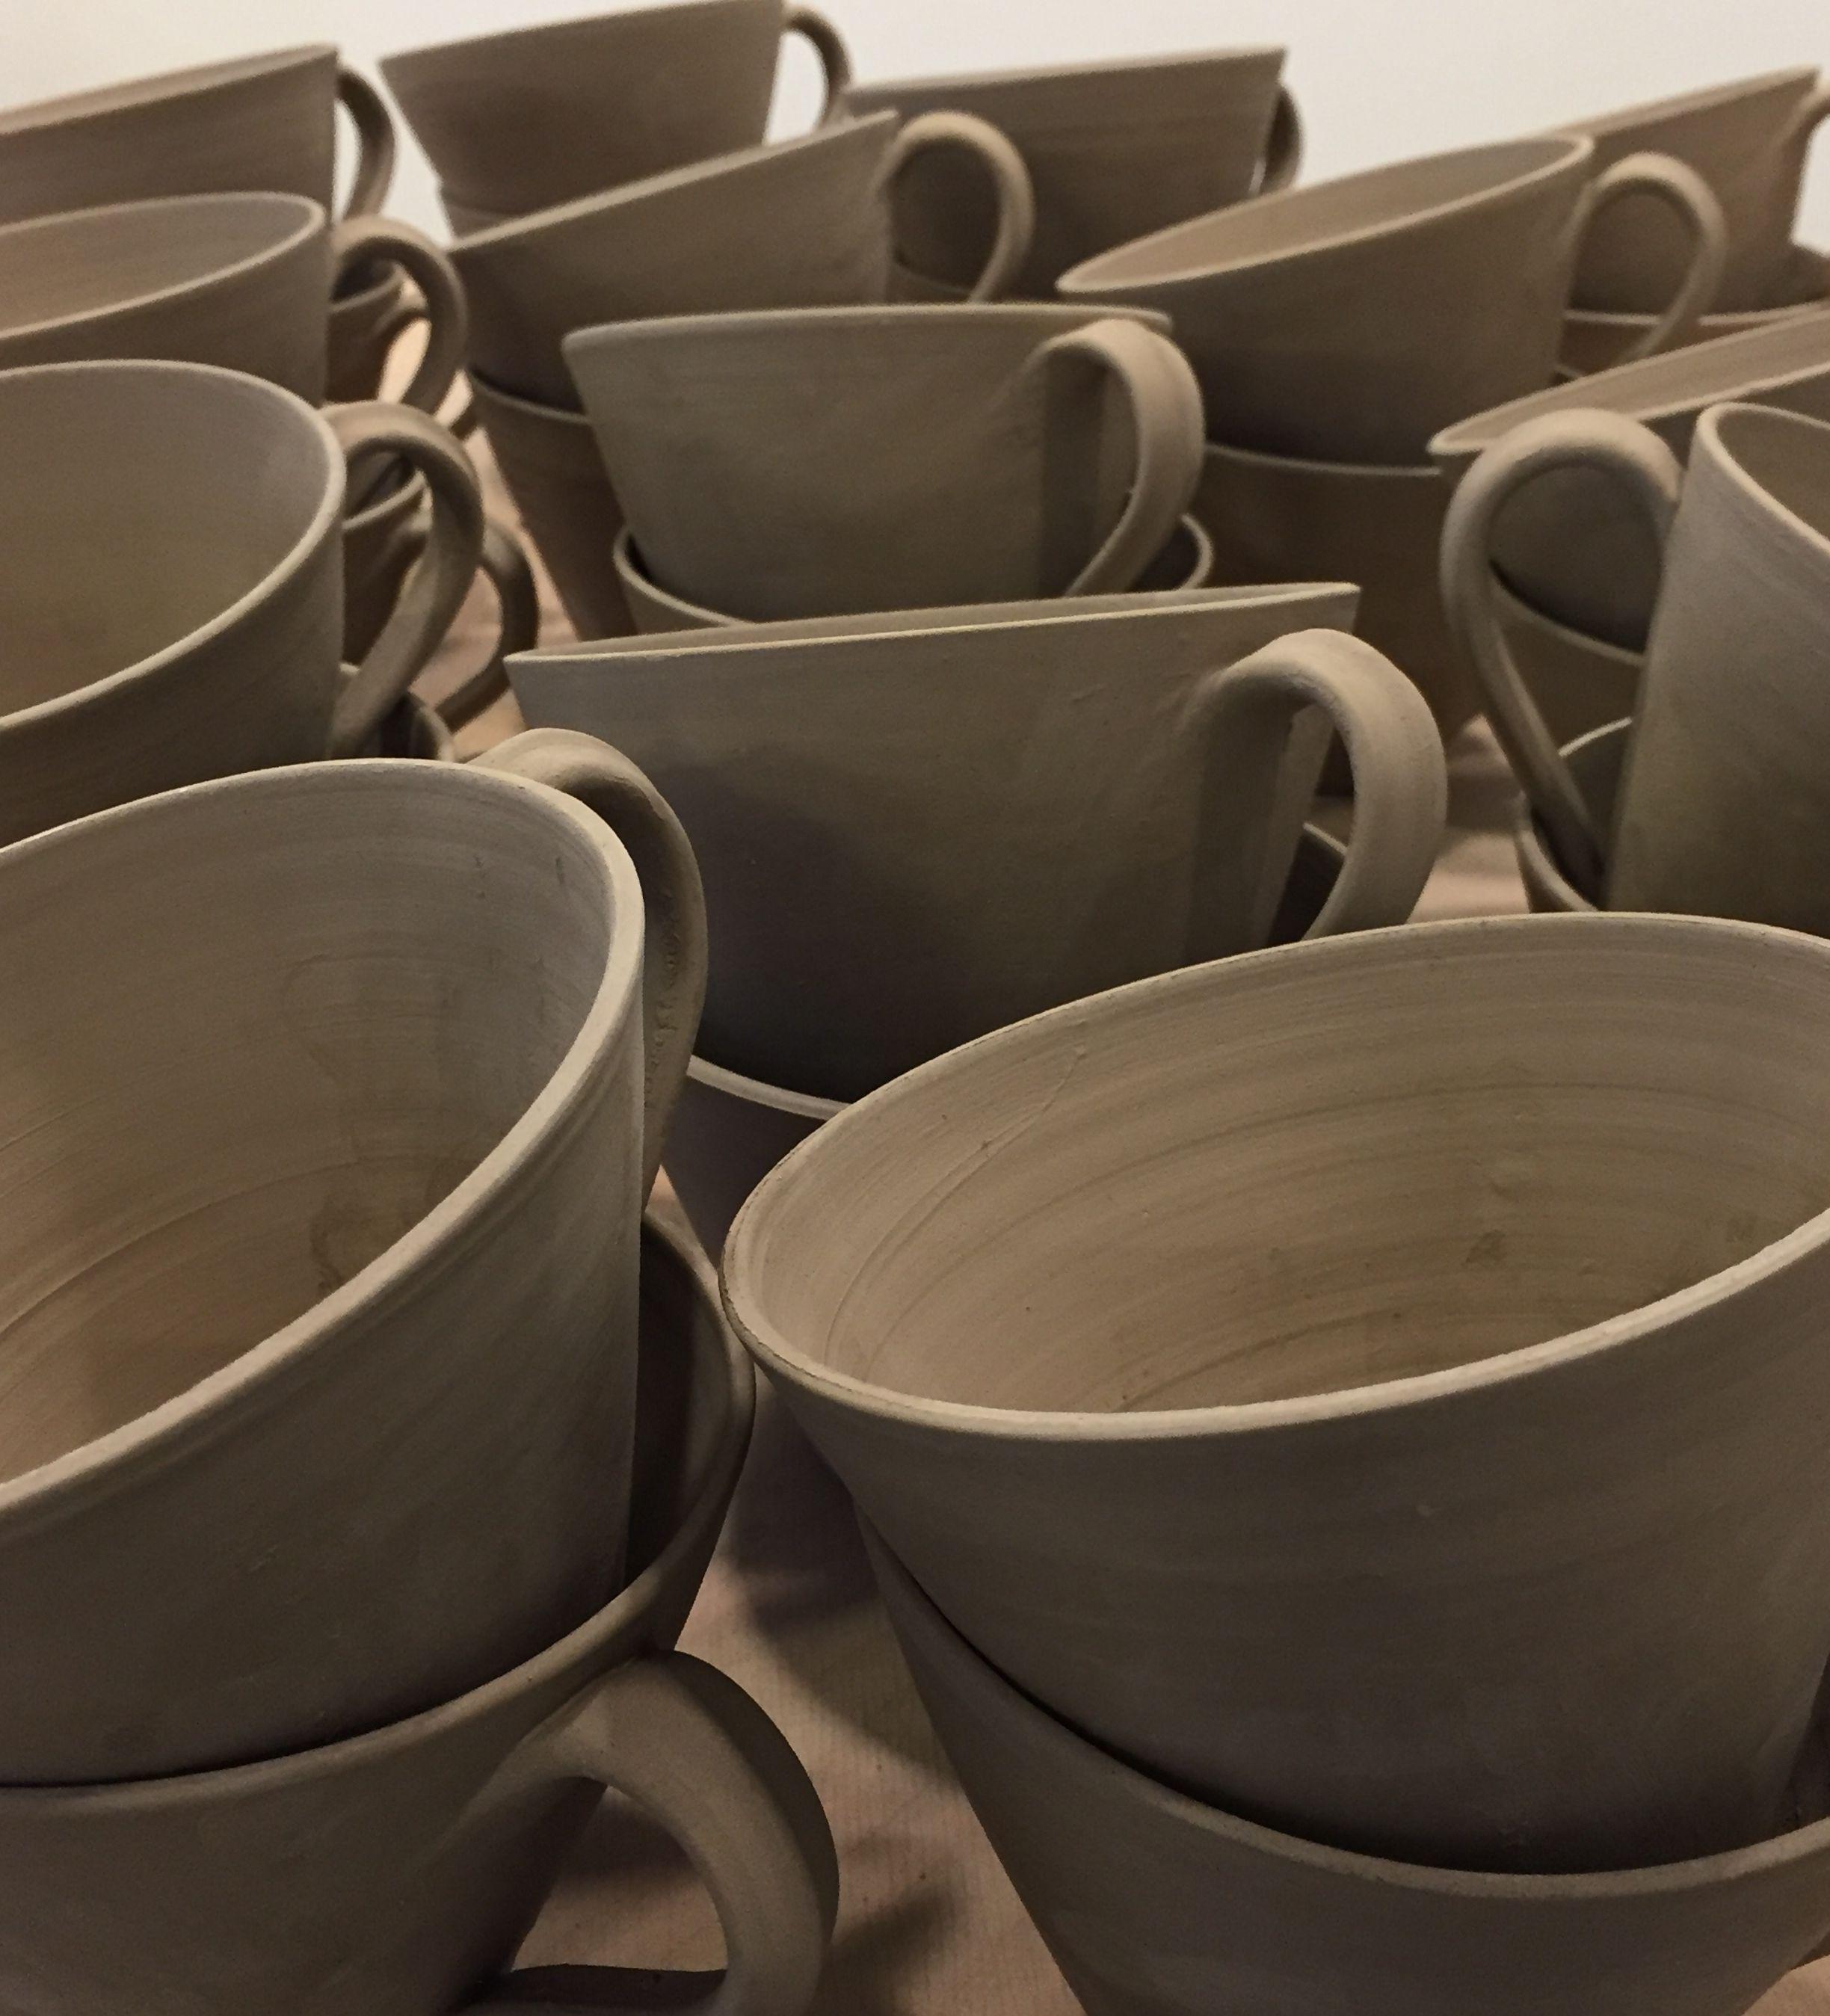 koppar av keramik till kopputställning